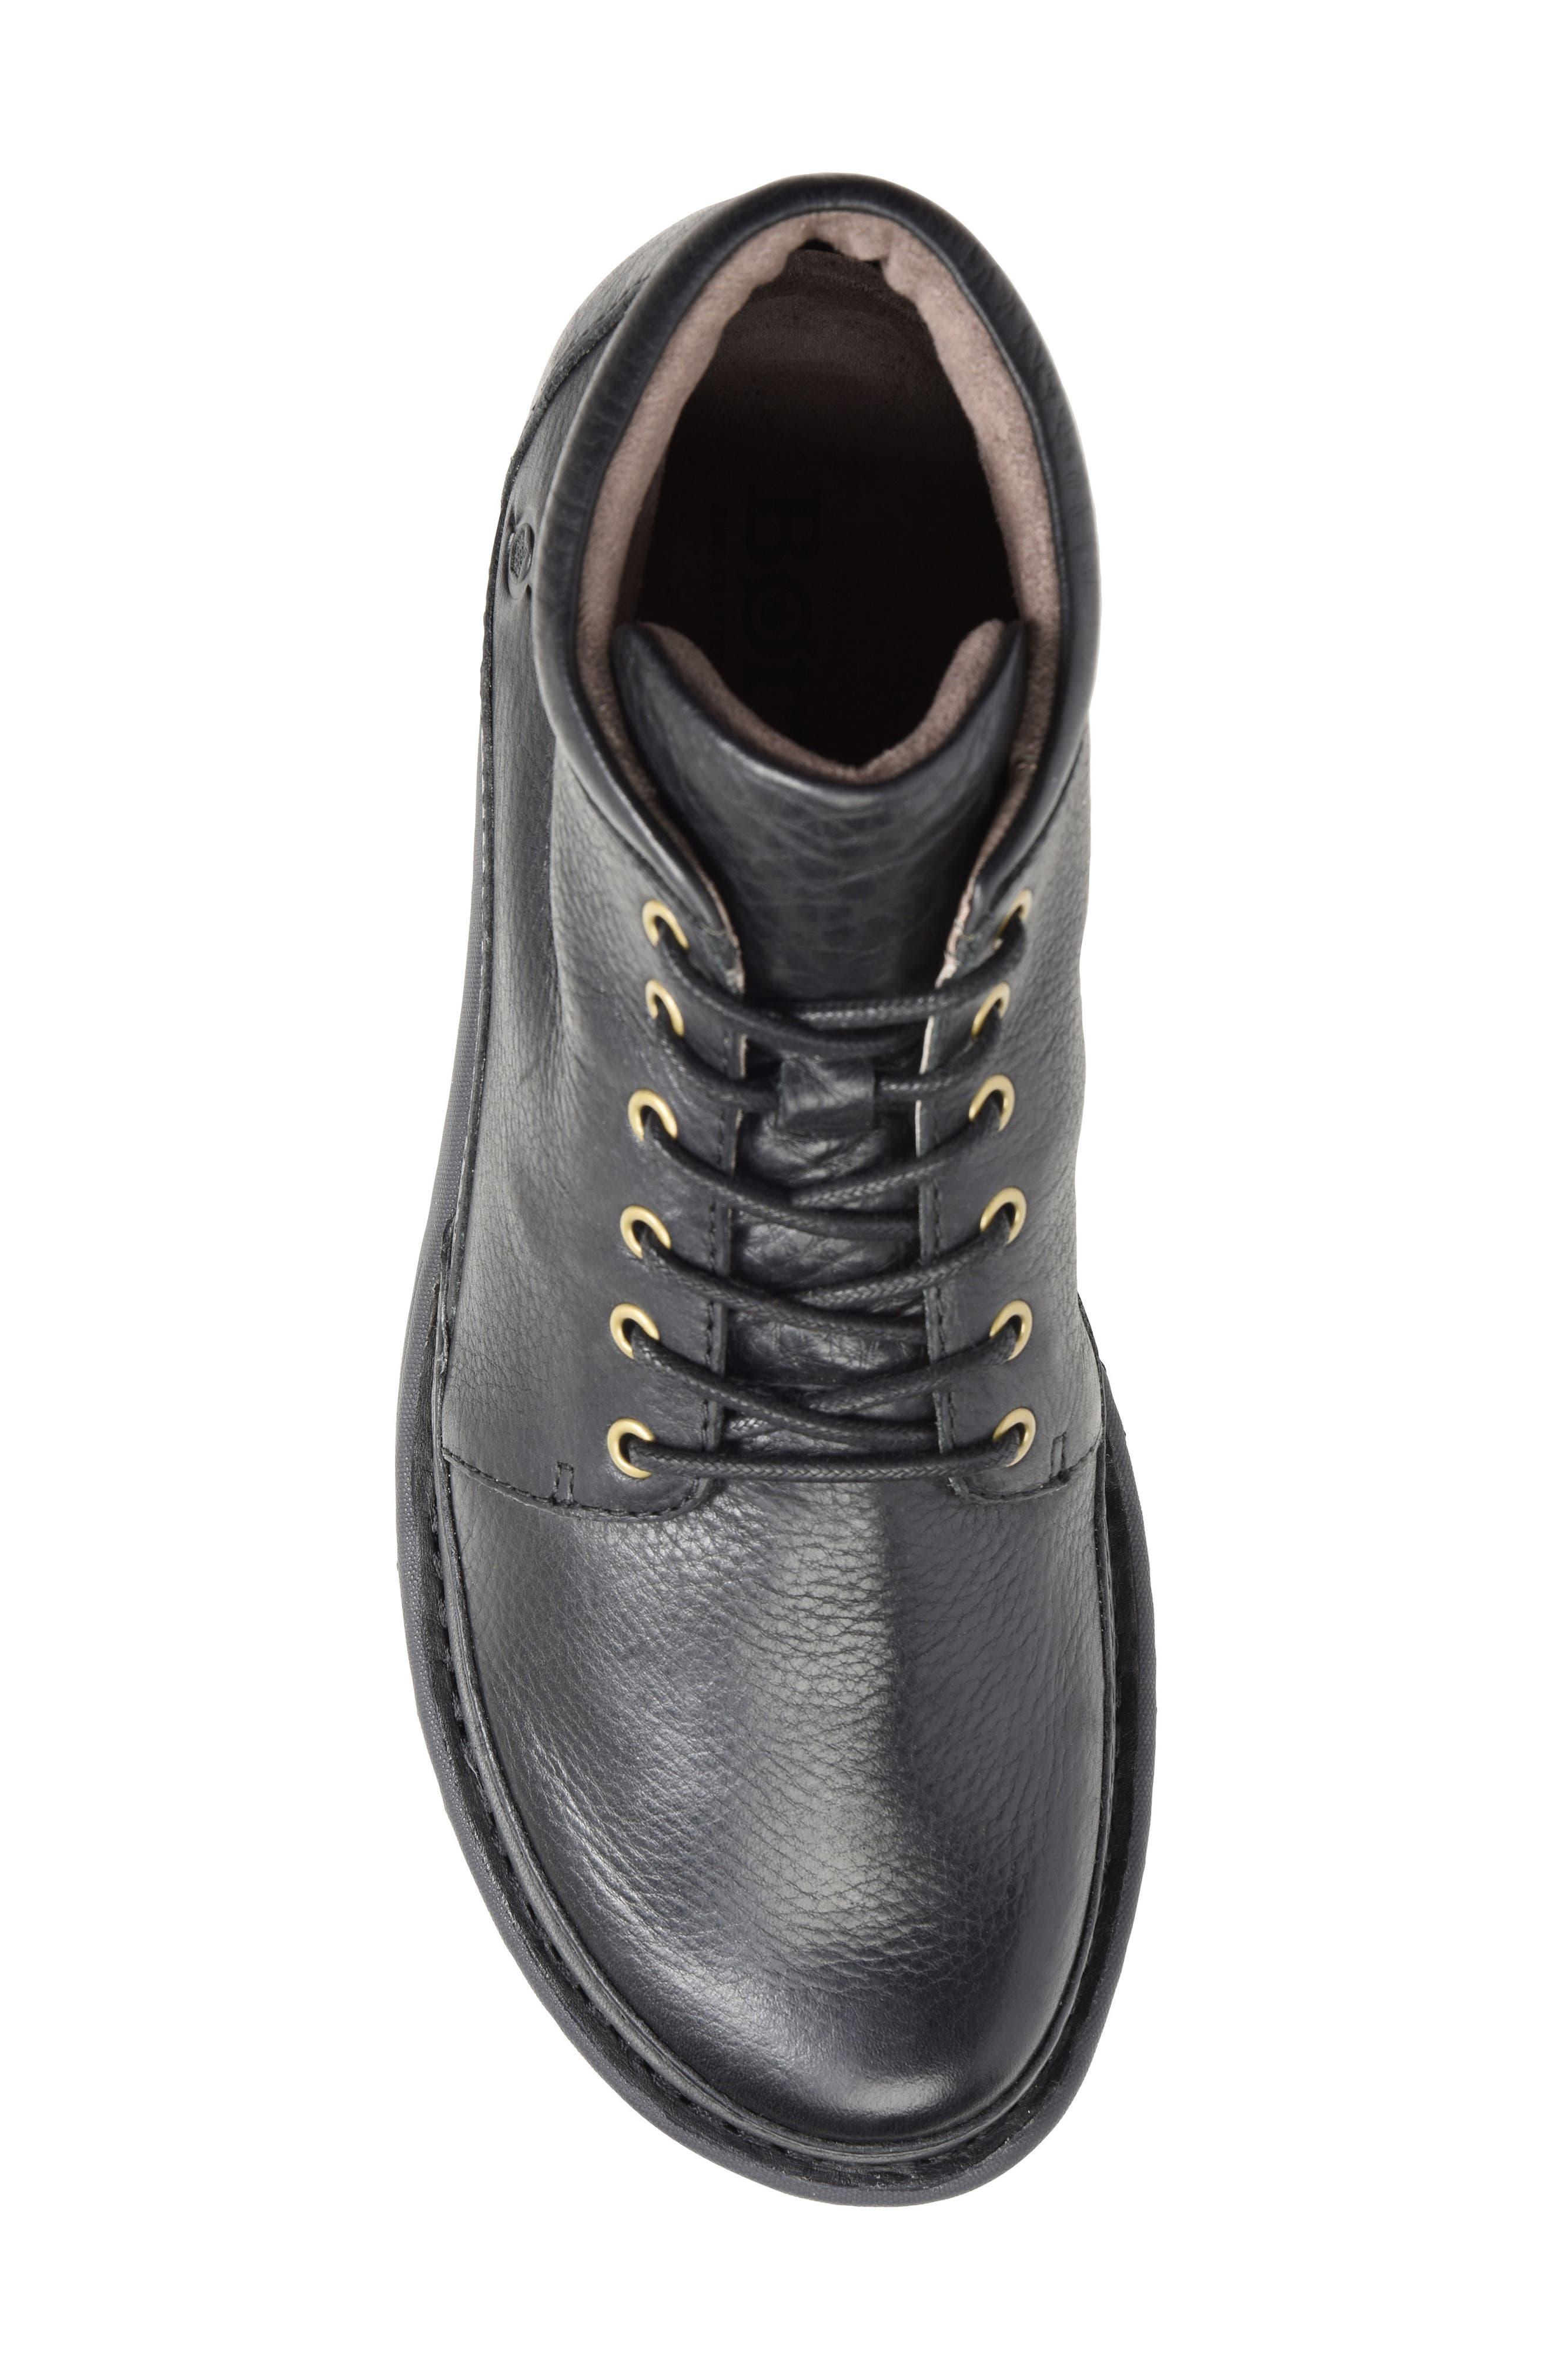 Nigel Low Boot,                             Alternate thumbnail 5, color,                             Black